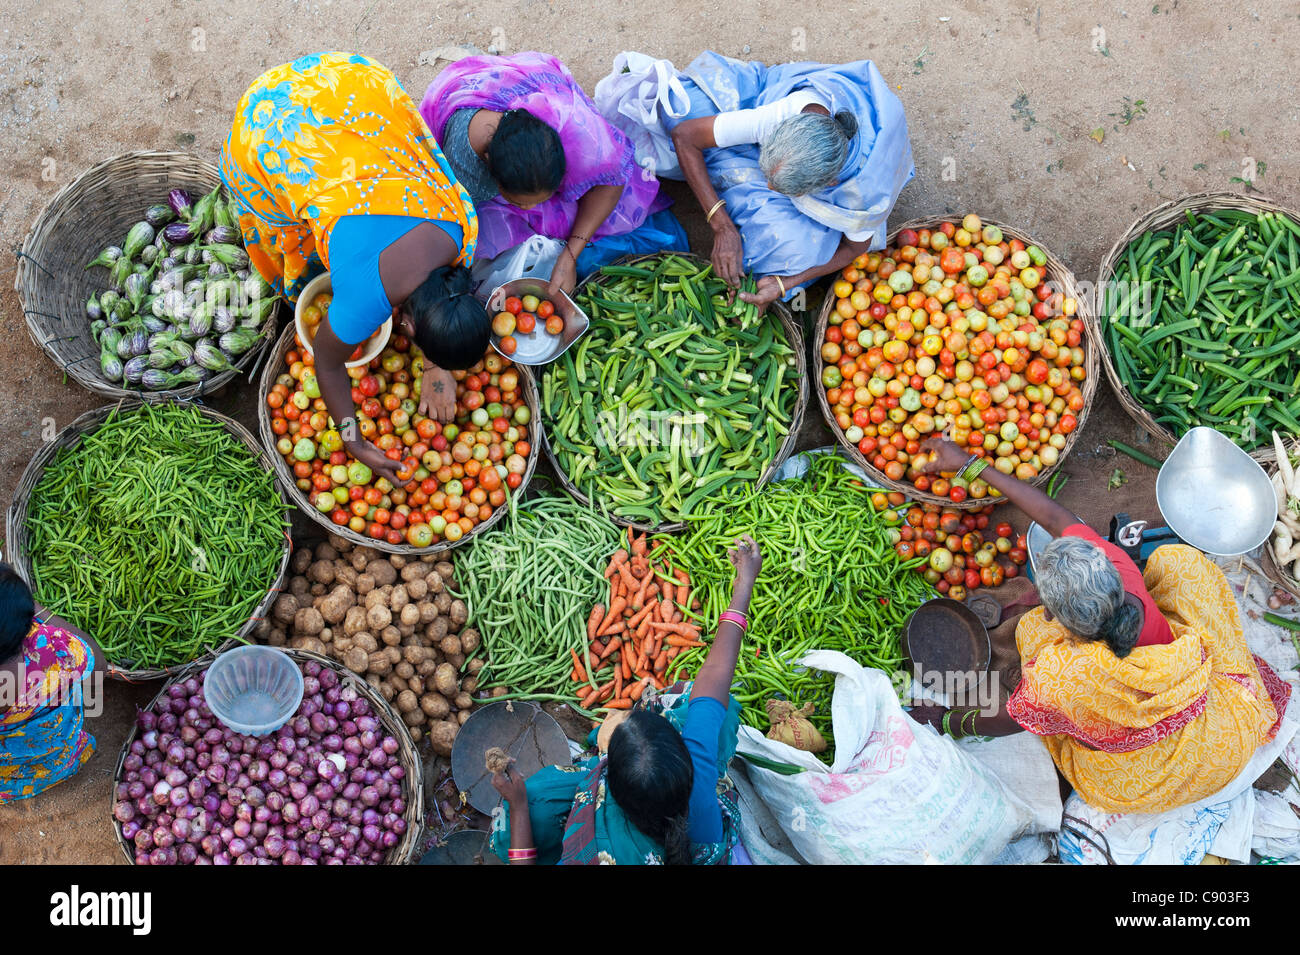 Las mujeres indias comprar verduras de un mercado callejero en Puttaparthi, Andhra Pradesh, India Imagen De Stock